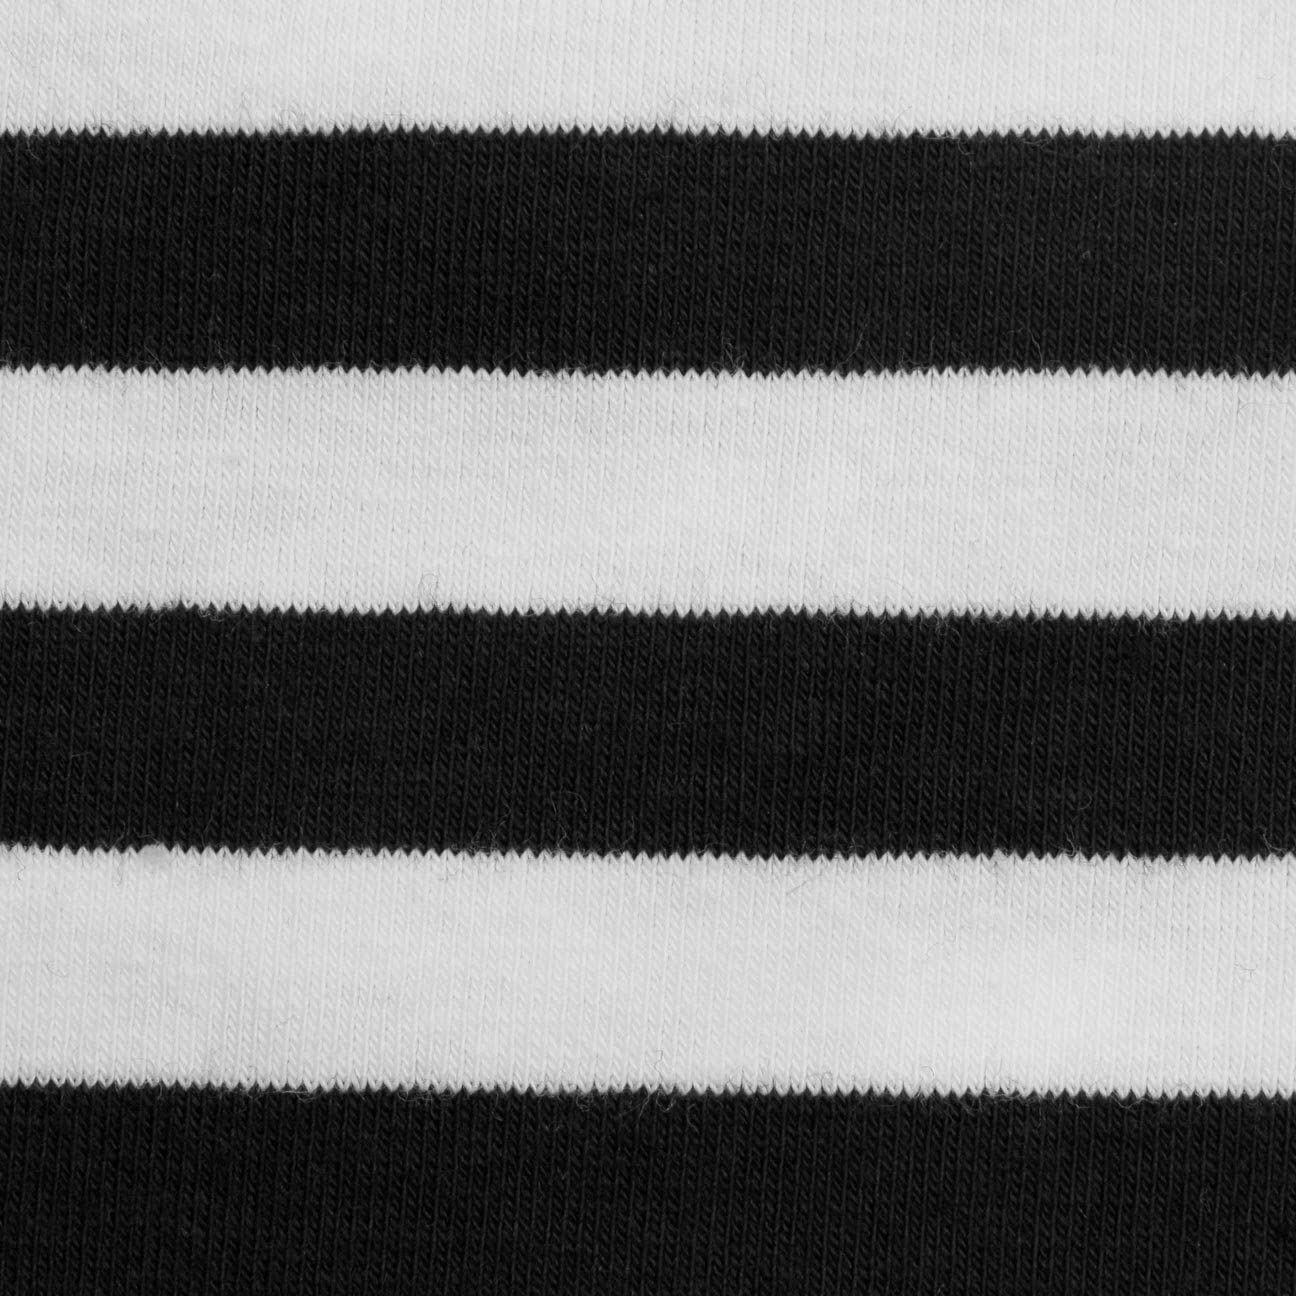 56 cm lang - Nachtm/ütze mit Bommel Nachthaube aus Baumwolle Zipfelm/ütze zum Schlafen f/ür die Nacht 53-60 cm - Damen und Herren Bommelm/ütze One Size Lipodo Schlafm/ütze